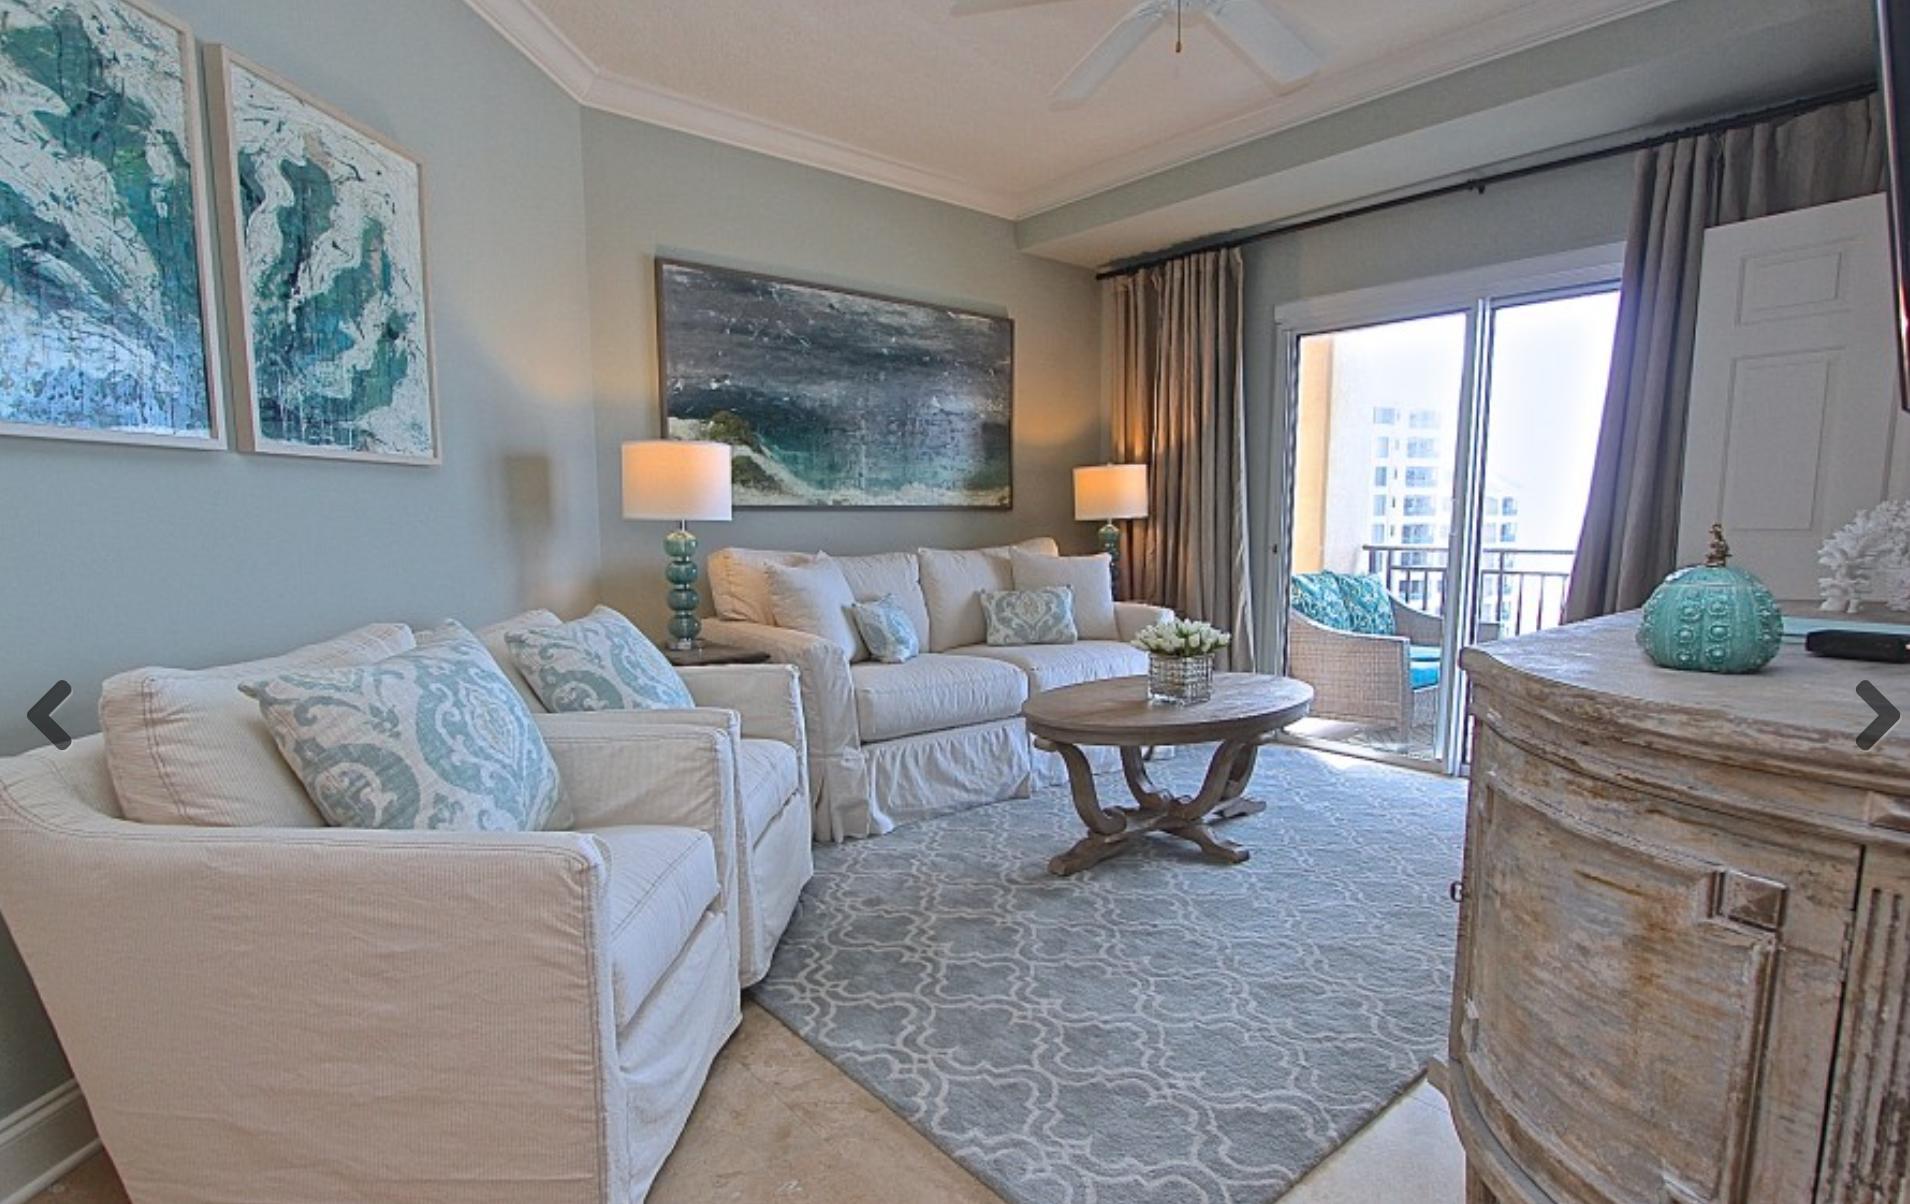 A 2 Bedroom 2 Bedroom Westwinds At Sandestin Condo Condominium